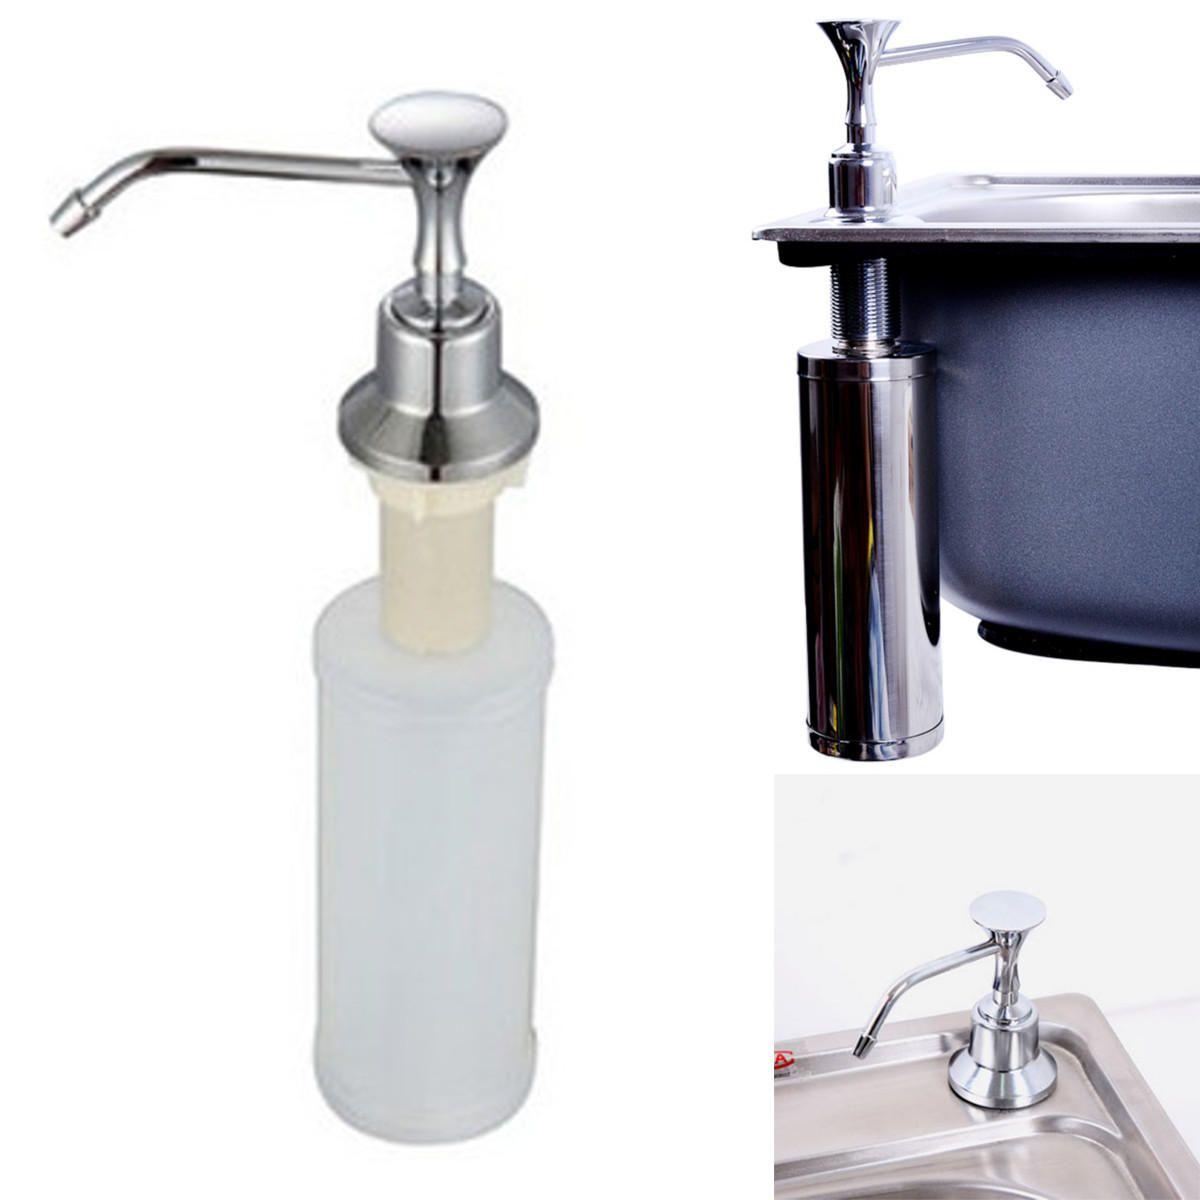 Details About 220ml White Kitchen Chrome Liquid Soap Dispenser Bathroom Sink Pump Bottles In 2020 Bathroom Soap Dispenser Soap Dispenser Soap Pump Dispenser